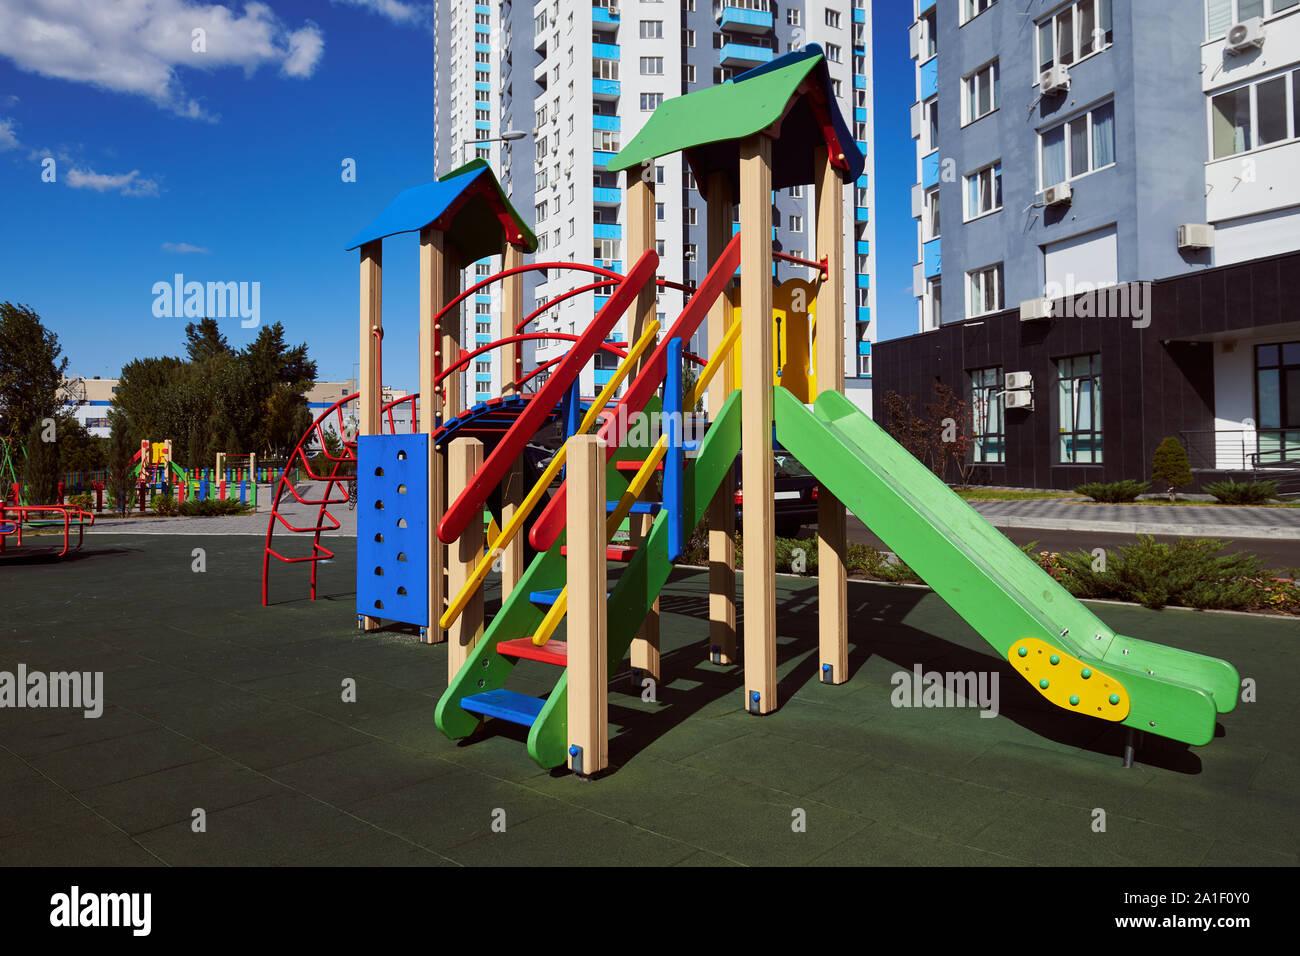 En bois coloré vide children's slide avec échelle sur l'aire de jeux. Attraction touristique situé dans la cour contre l'immeuble de grande hauteur et de ciel bleu. Banque D'Images